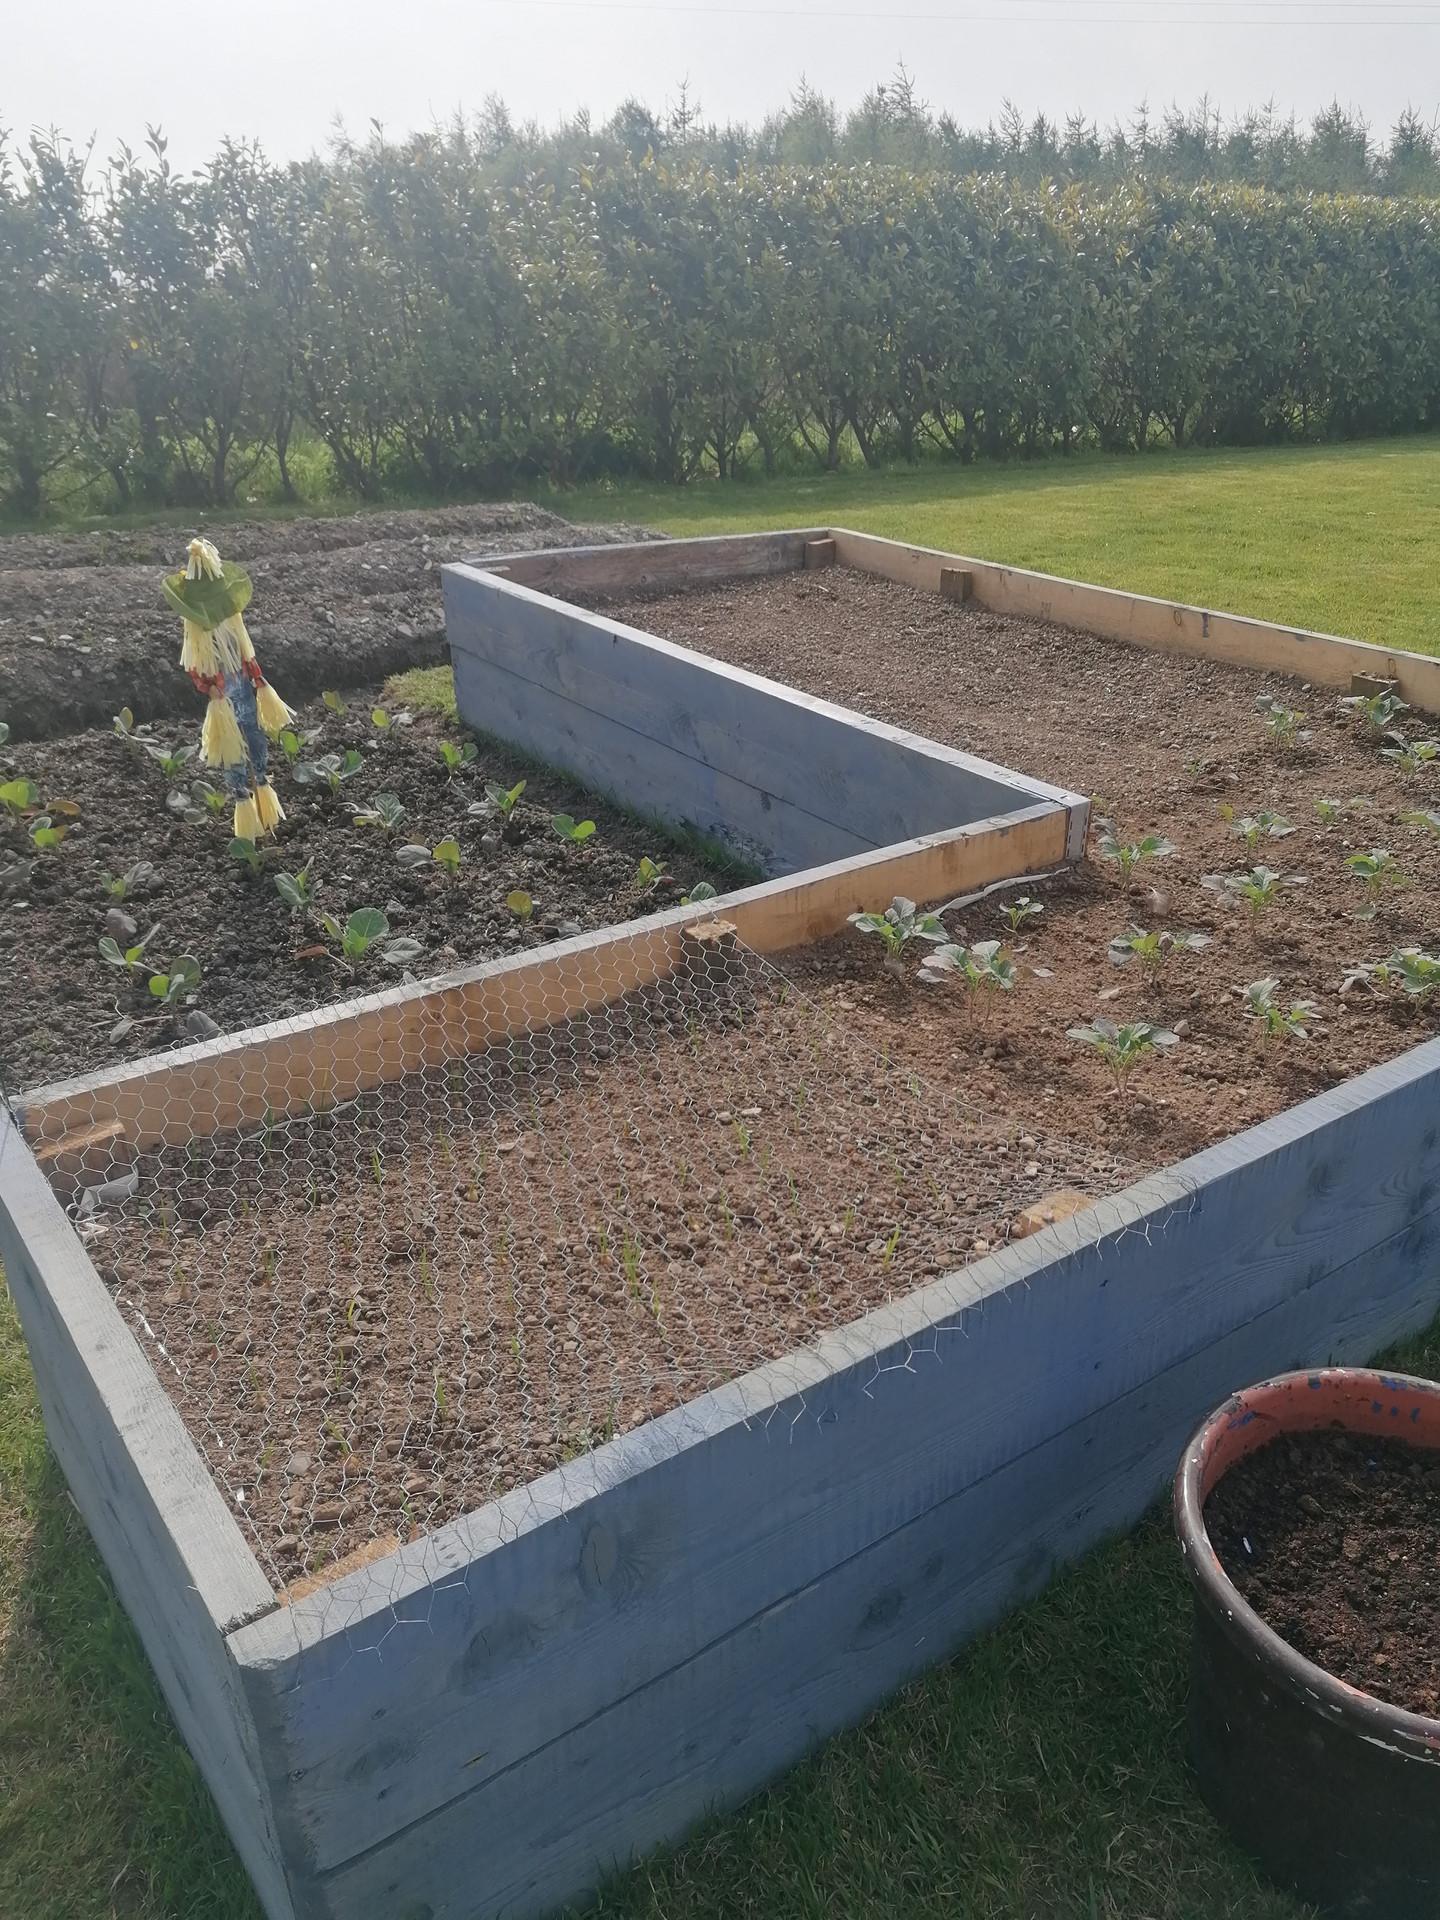 Evan & Jamie's gardening